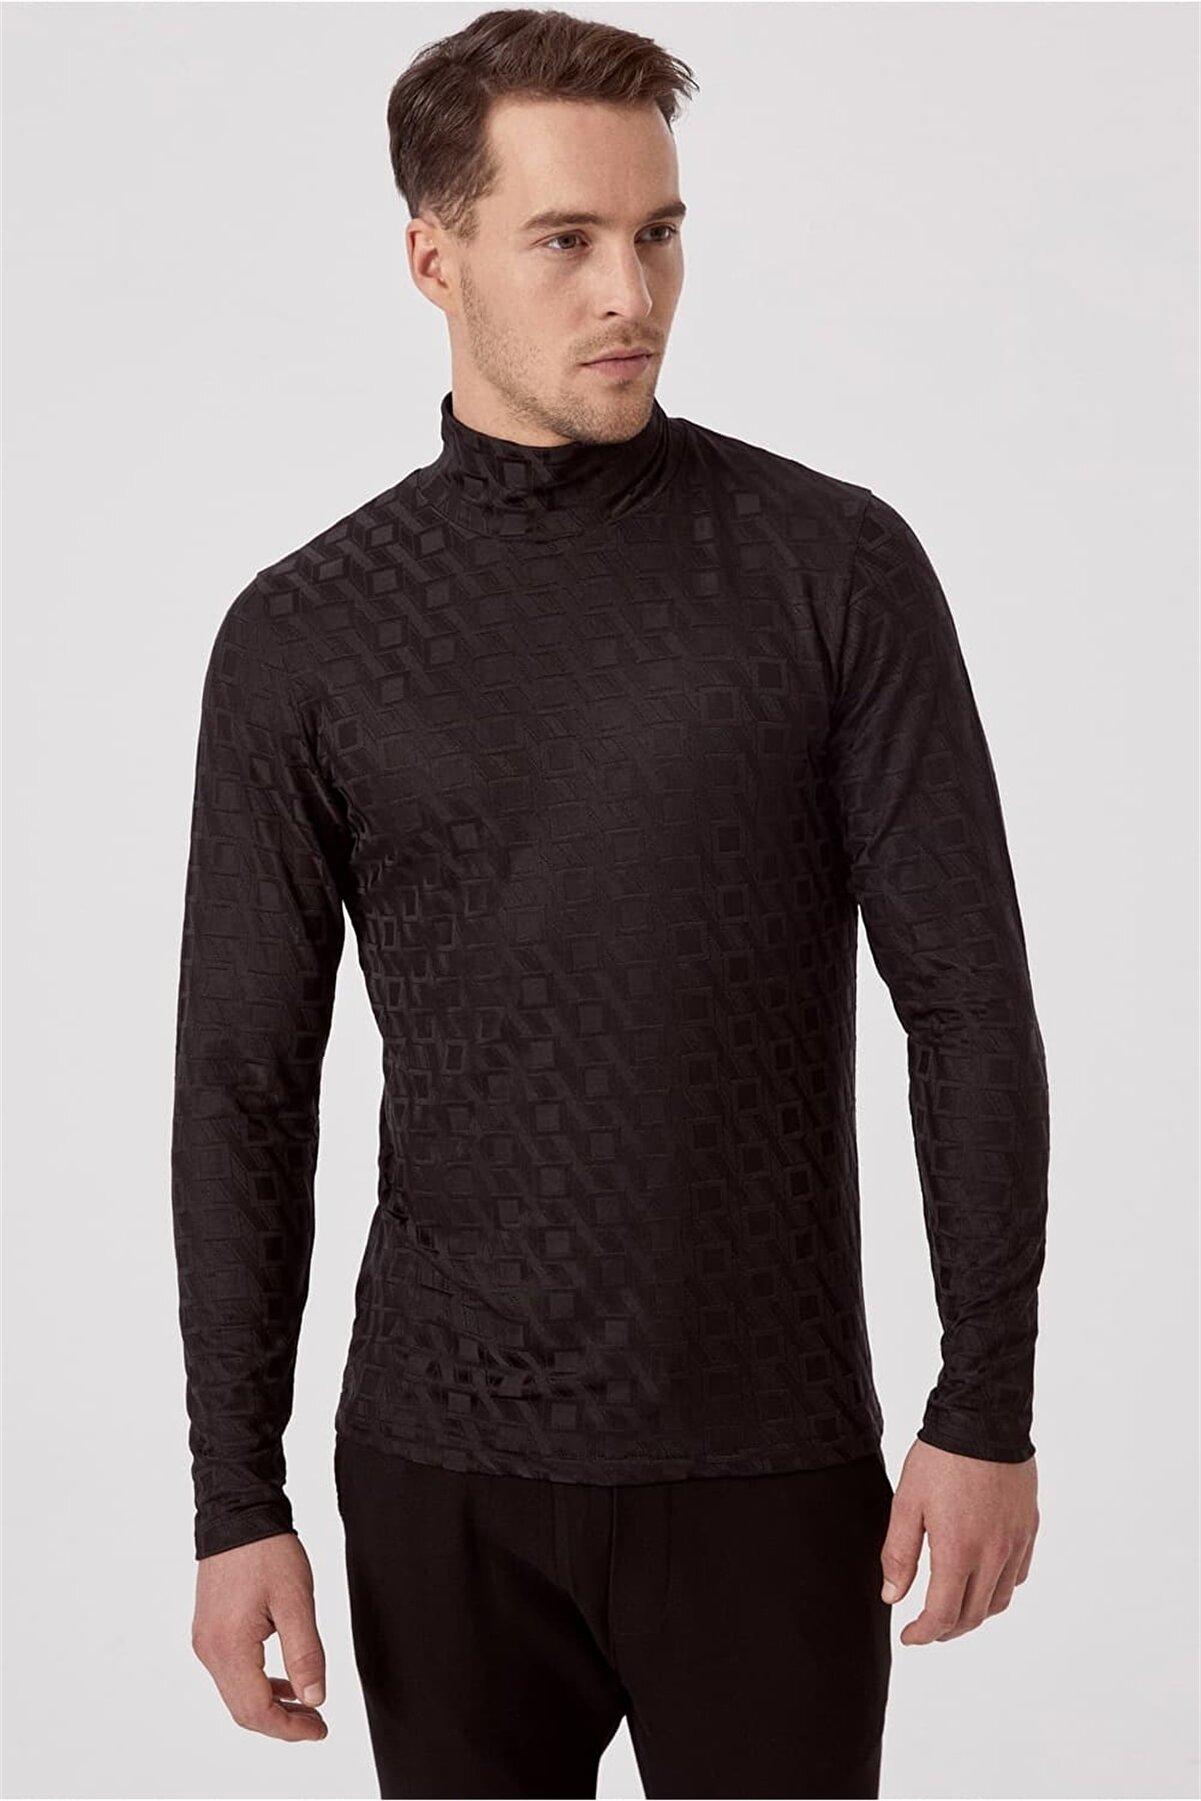 Efor Ts 774 Slim Fit Siyah Spor T-shirt